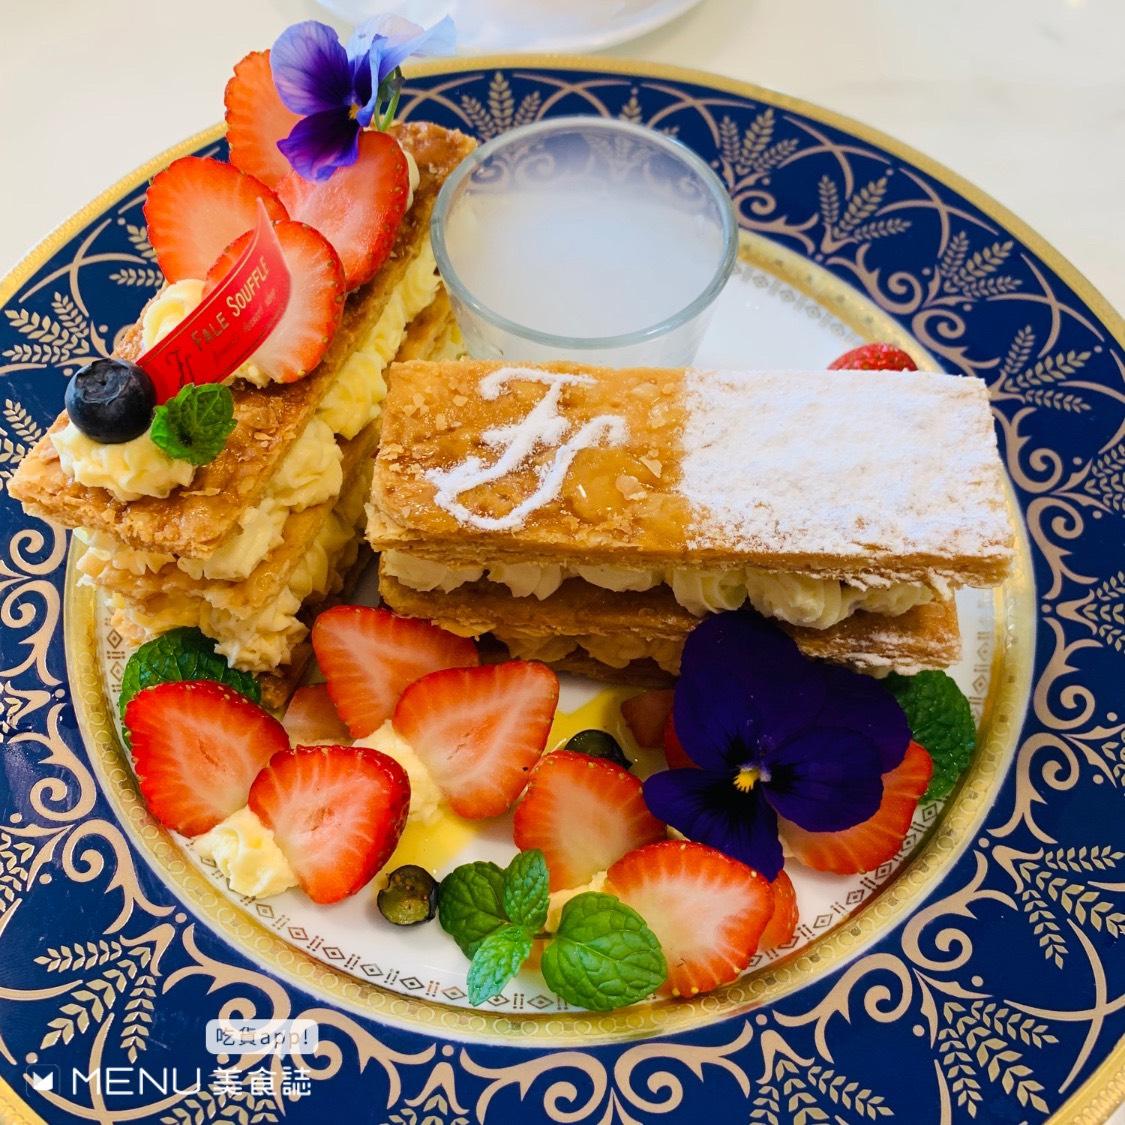 員林人必看!地表最強彰化員林美食TOP 10,懷舊古早味、質感咖啡廳,超強特色美食多到吃不完拉!